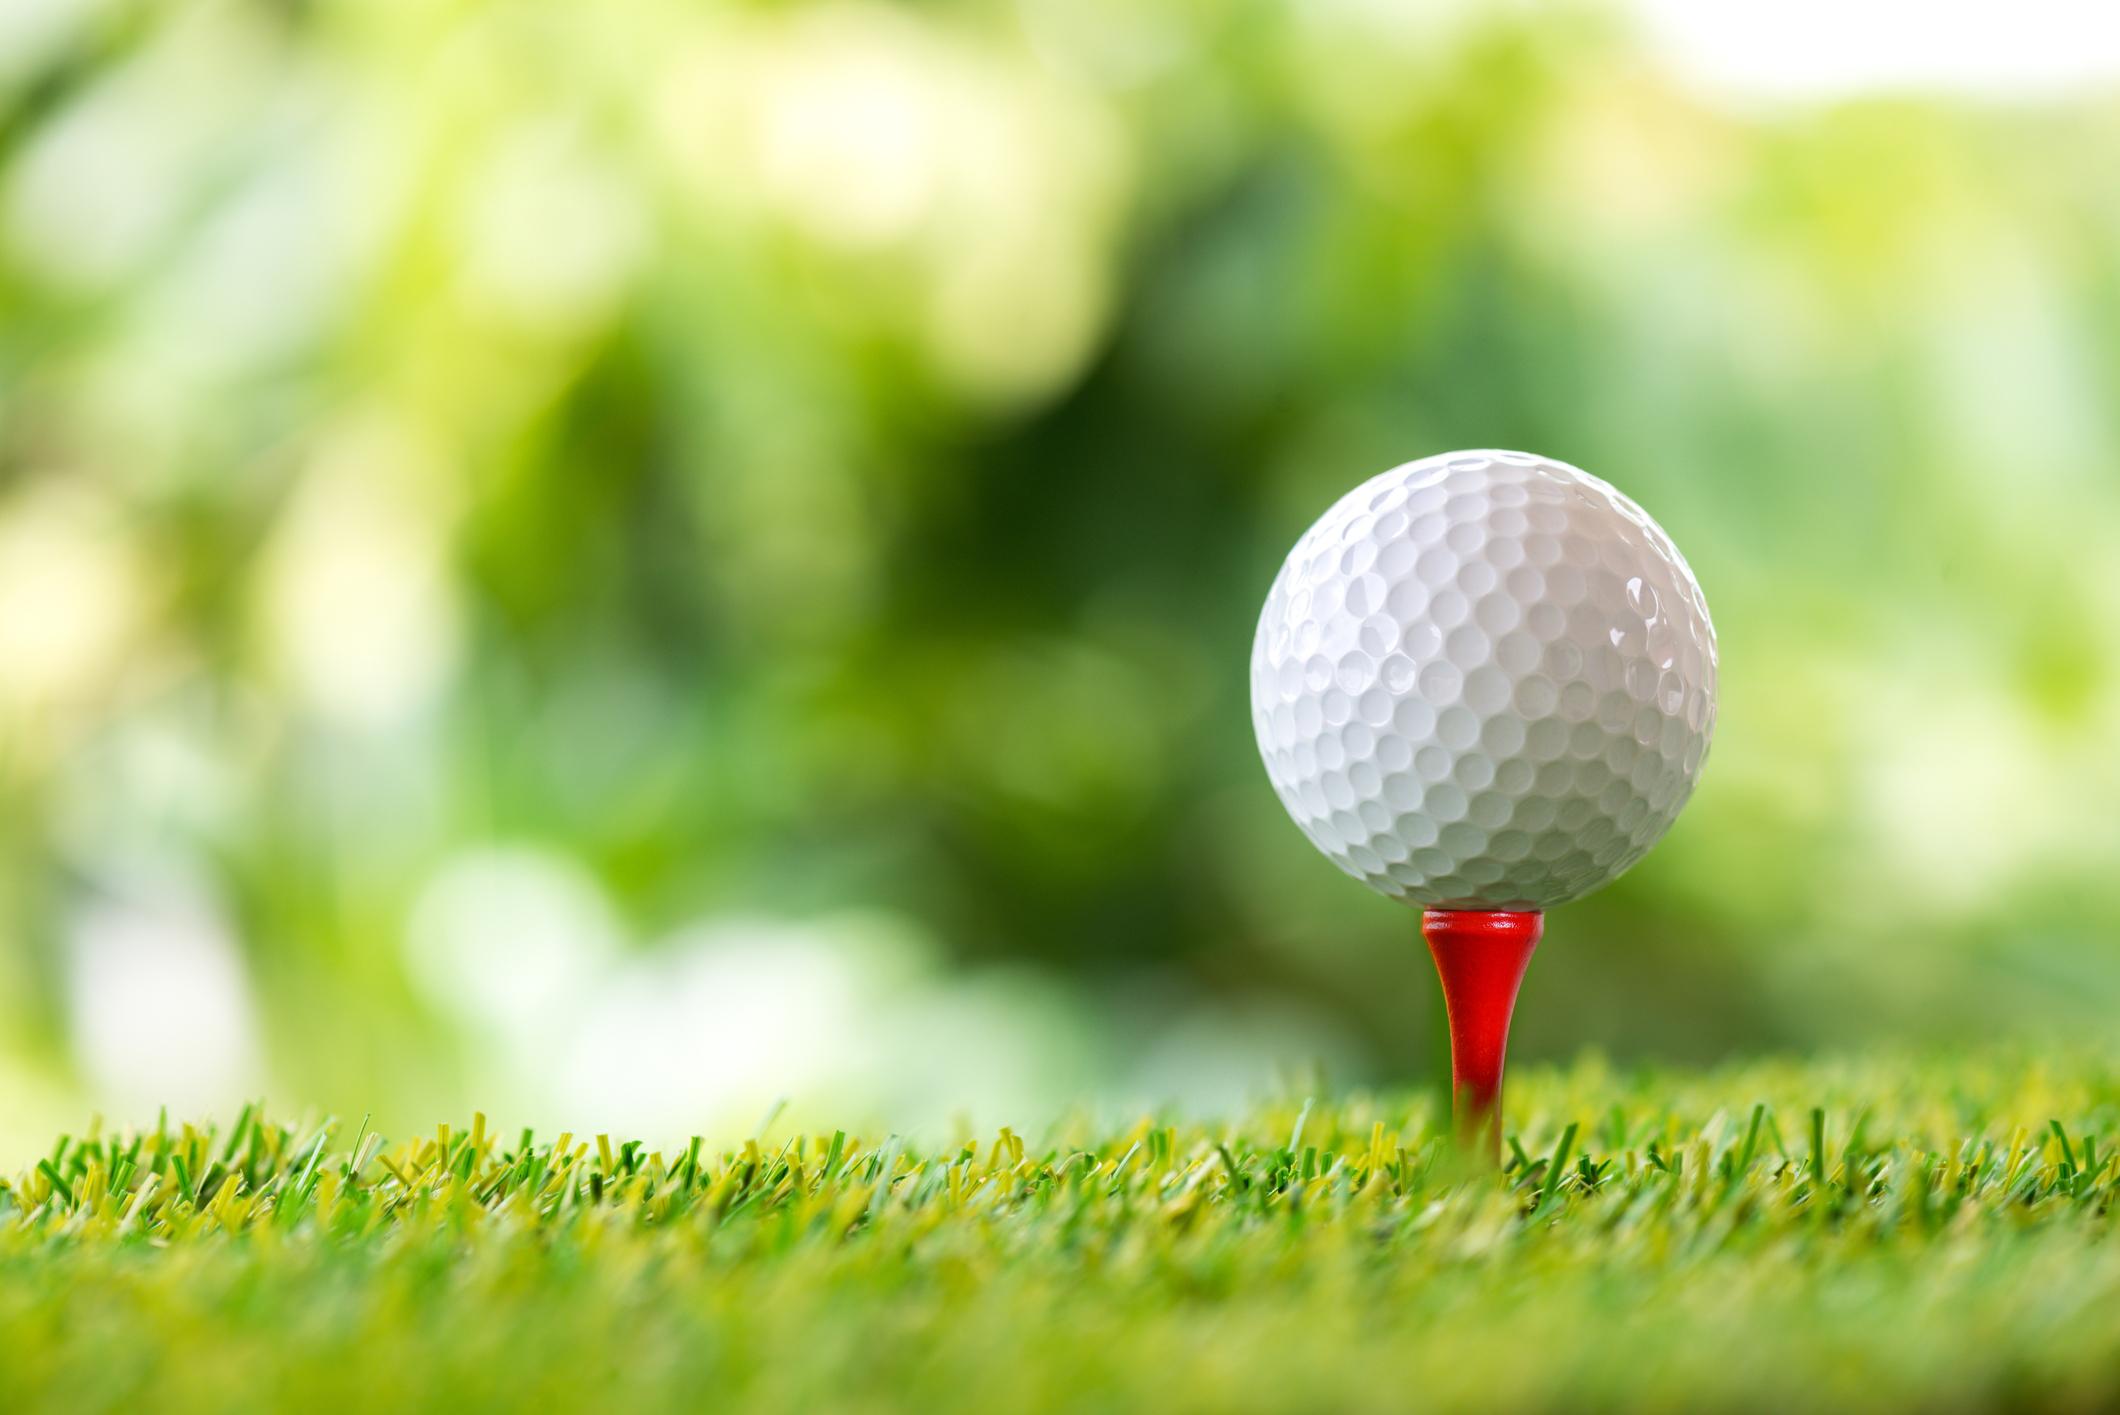 A golf ball on a tee.